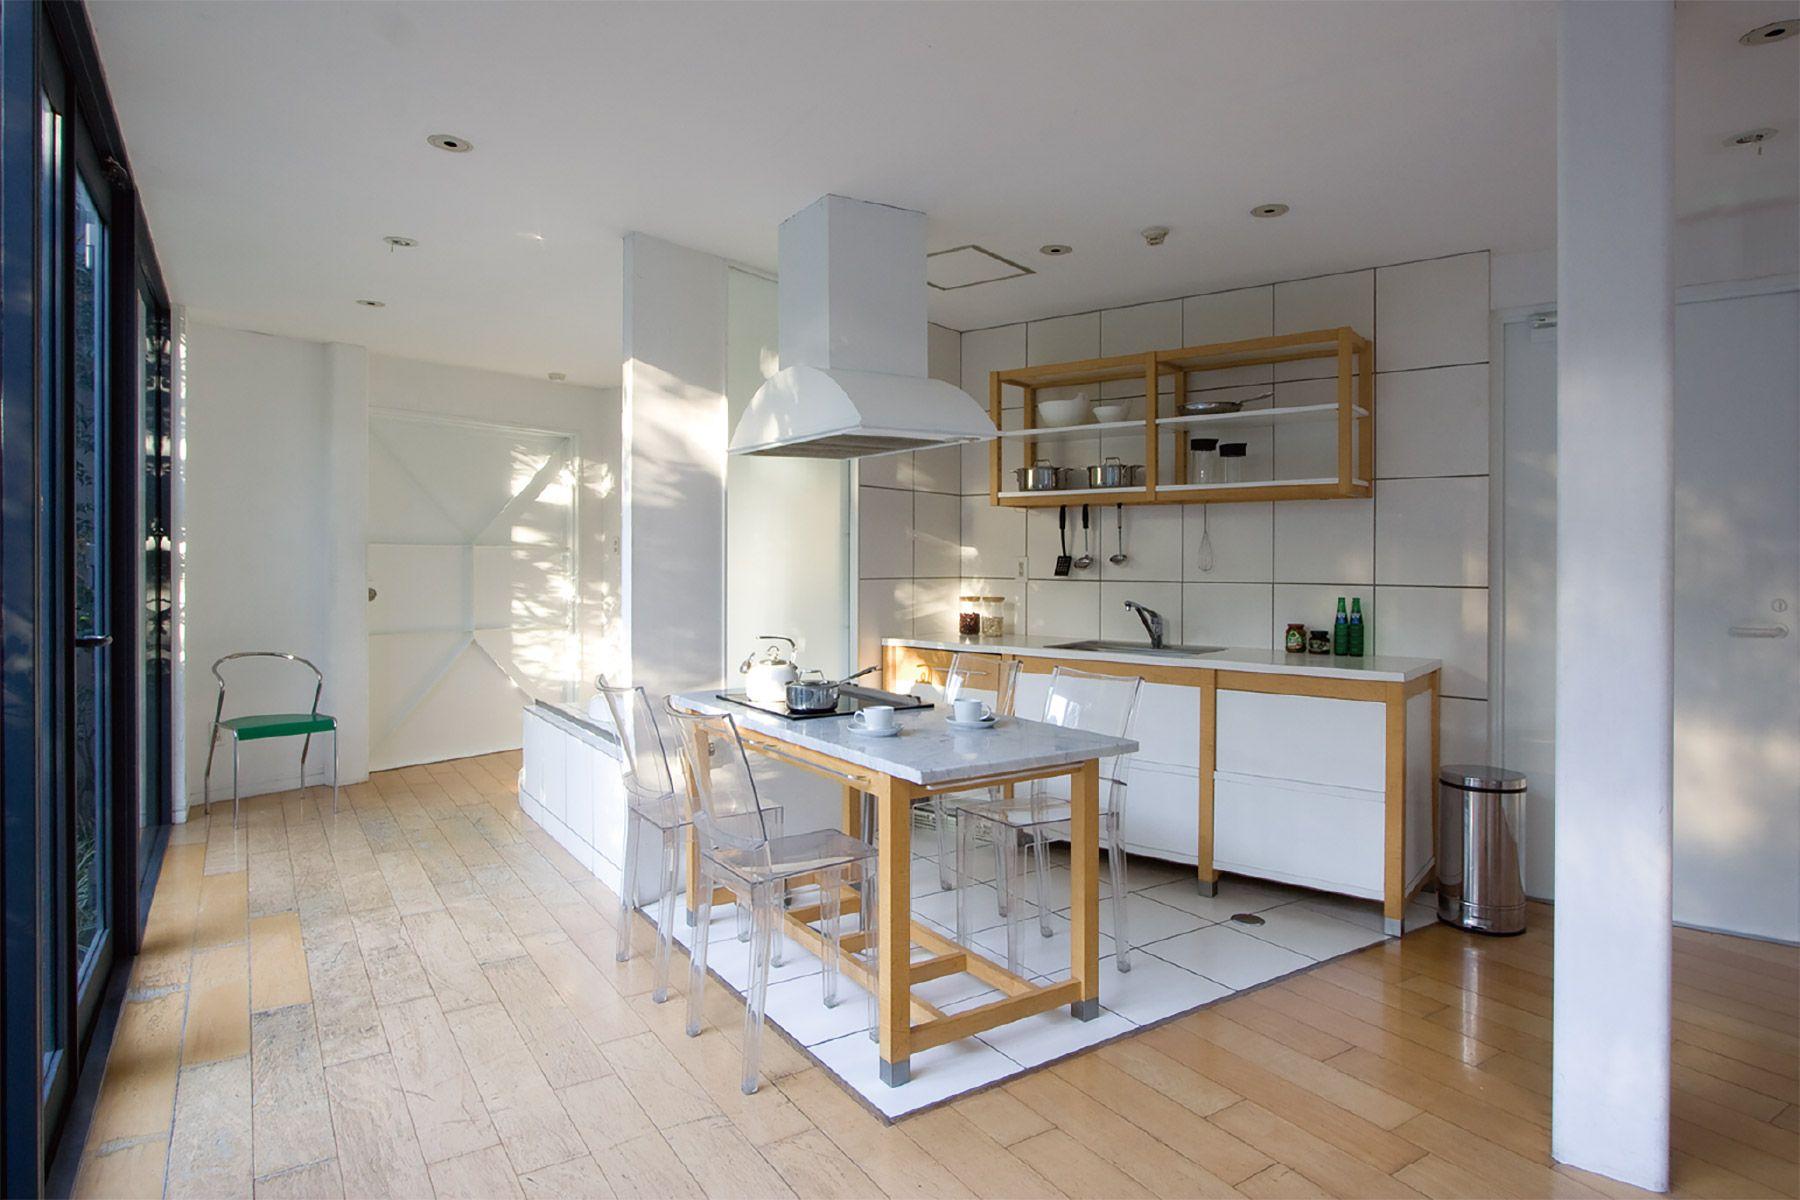 LIGHT BOX STUDIO 中野 Ast (ライトボックススタジオ)A-2 調理可能のキッチン